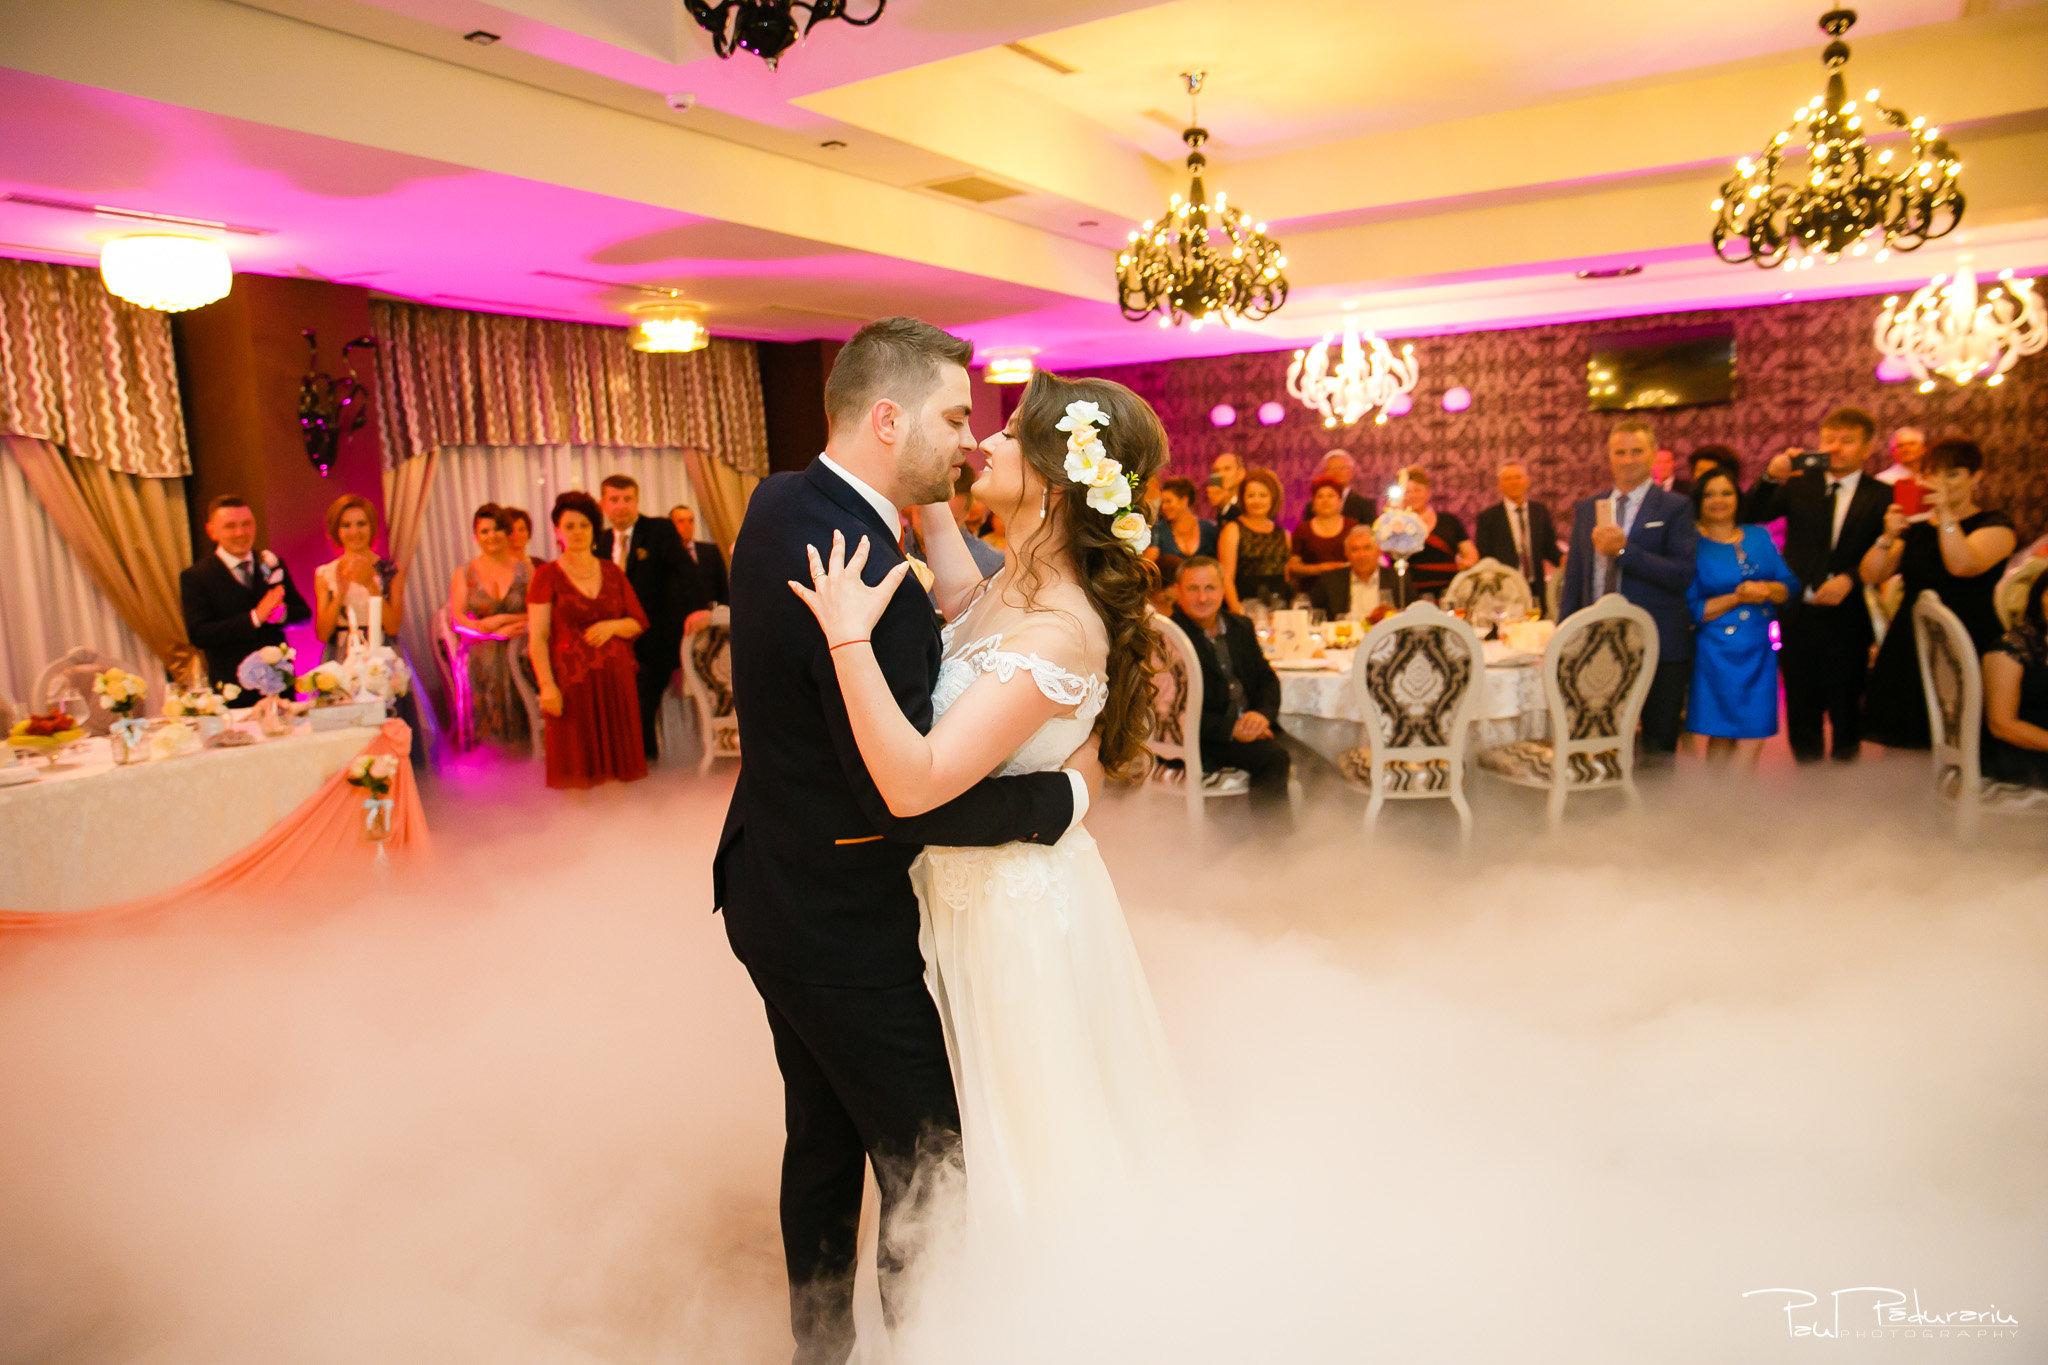 Dansul mirilor Ariadna si Iulian petrecere nunta Iasi www.paulpadurariu.ro © 2017 Paul Padurariu fotograf profesionist